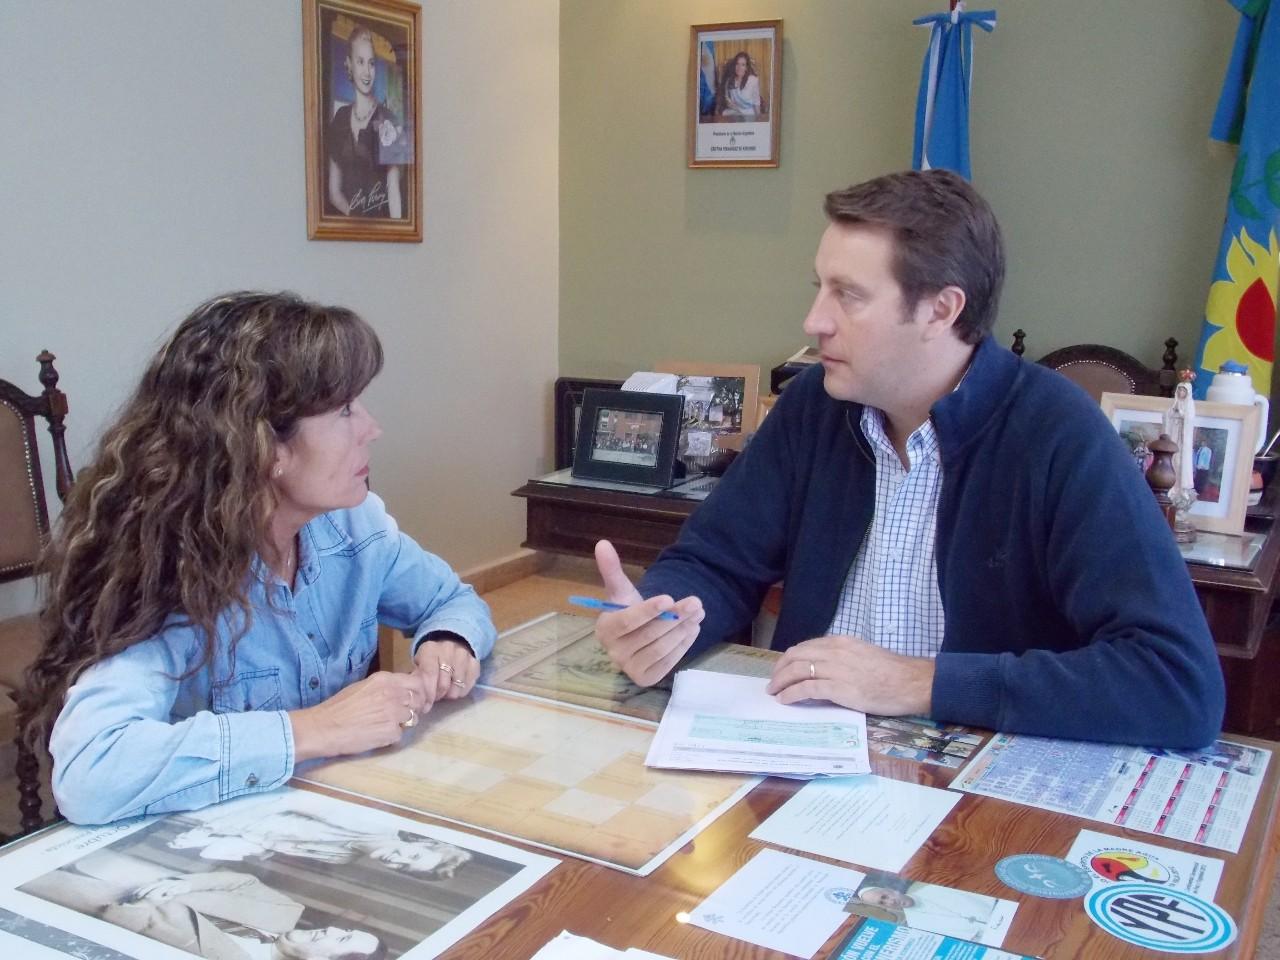 Tornquist el intendente entreg un subsidio para el for Jardin de infantes 2015